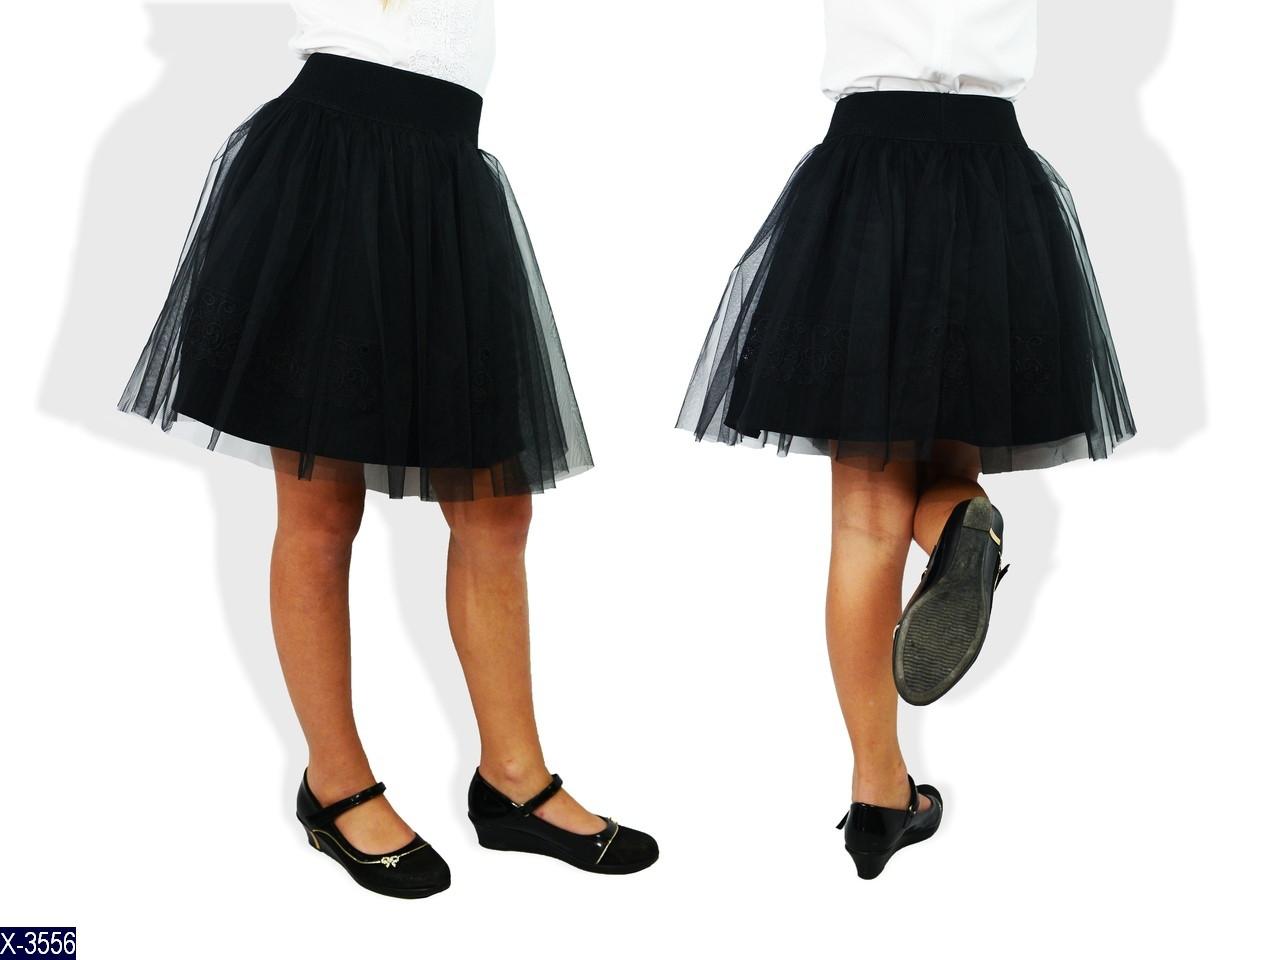 Юбка школьная чёрная ткань нижней юбки габардин,отделка нижней юбки турецкое кружево,верхняя юбка евро сетка